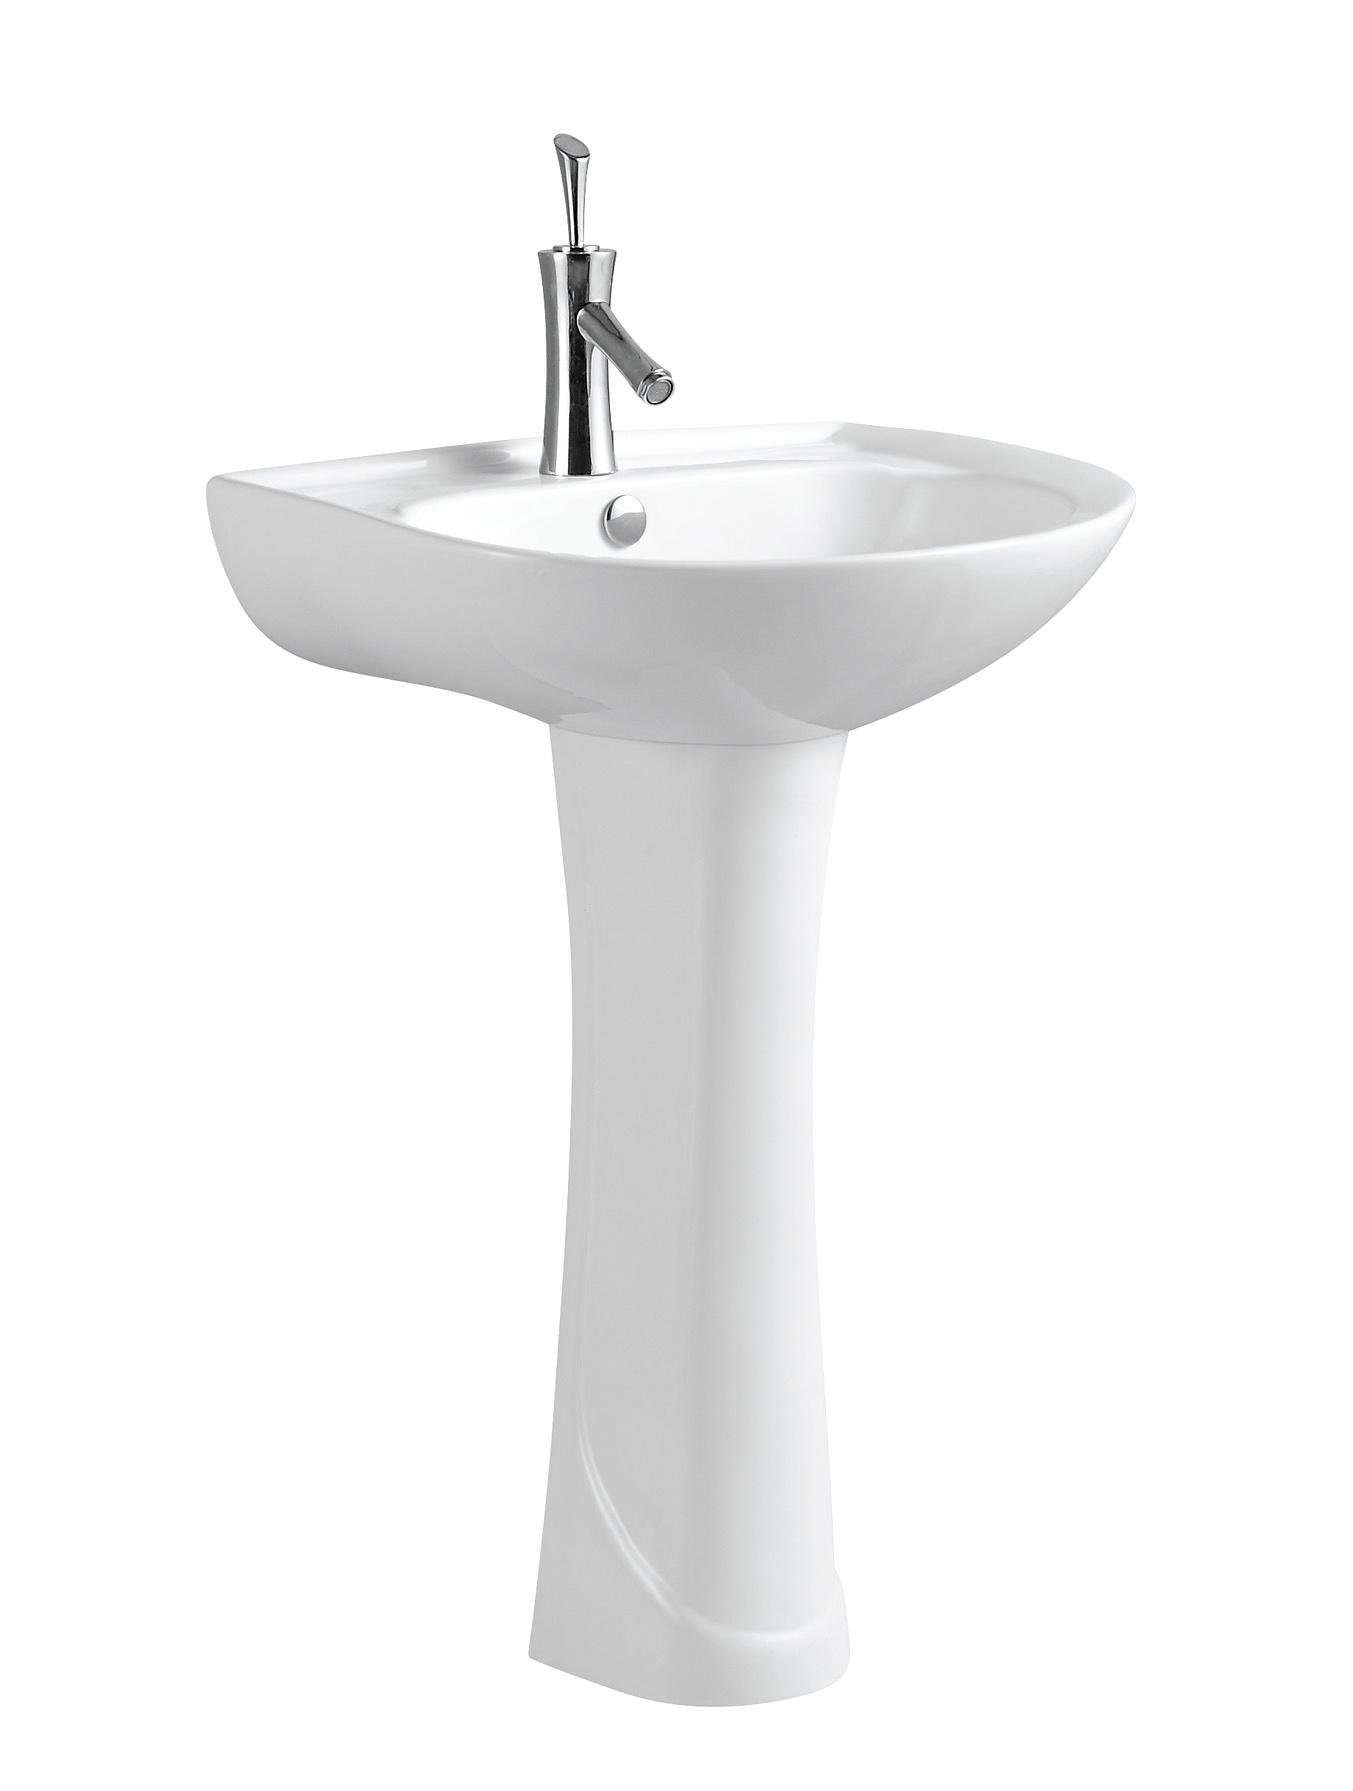 Pedestal Hand Basin : ... Wash Hand Basin With Pedestal C11075 - China Toilet Basin, Wash Basin